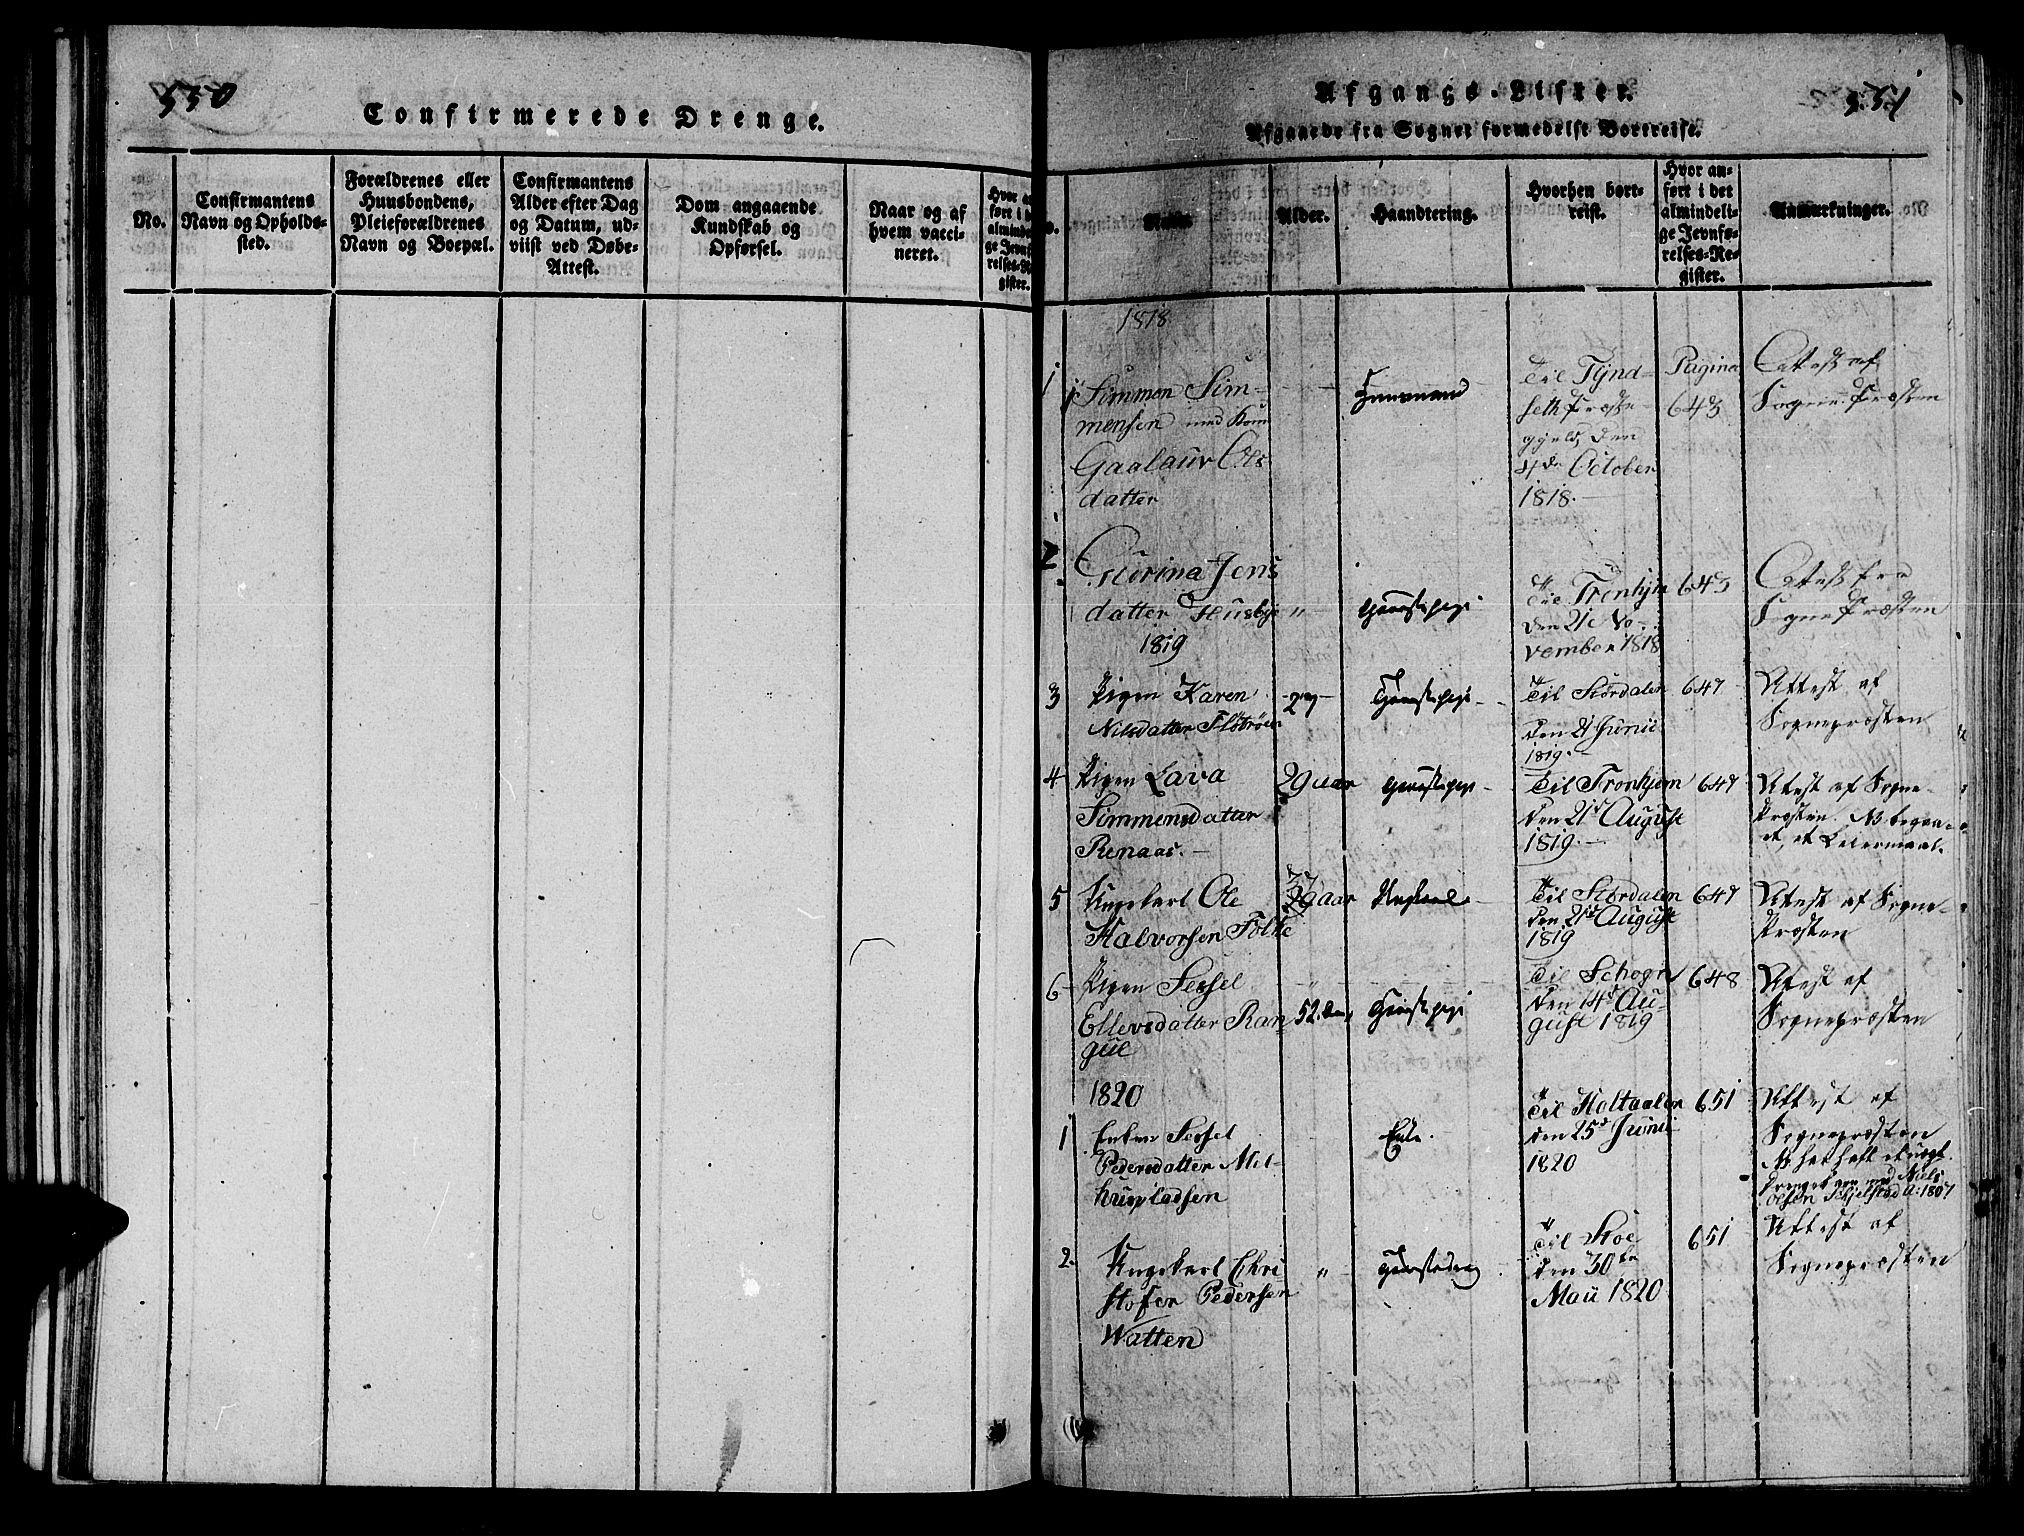 SAT, Ministerialprotokoller, klokkerbøker og fødselsregistre - Nord-Trøndelag, 714/L0132: Klokkerbok nr. 714C01, 1817-1824, s. 550-551